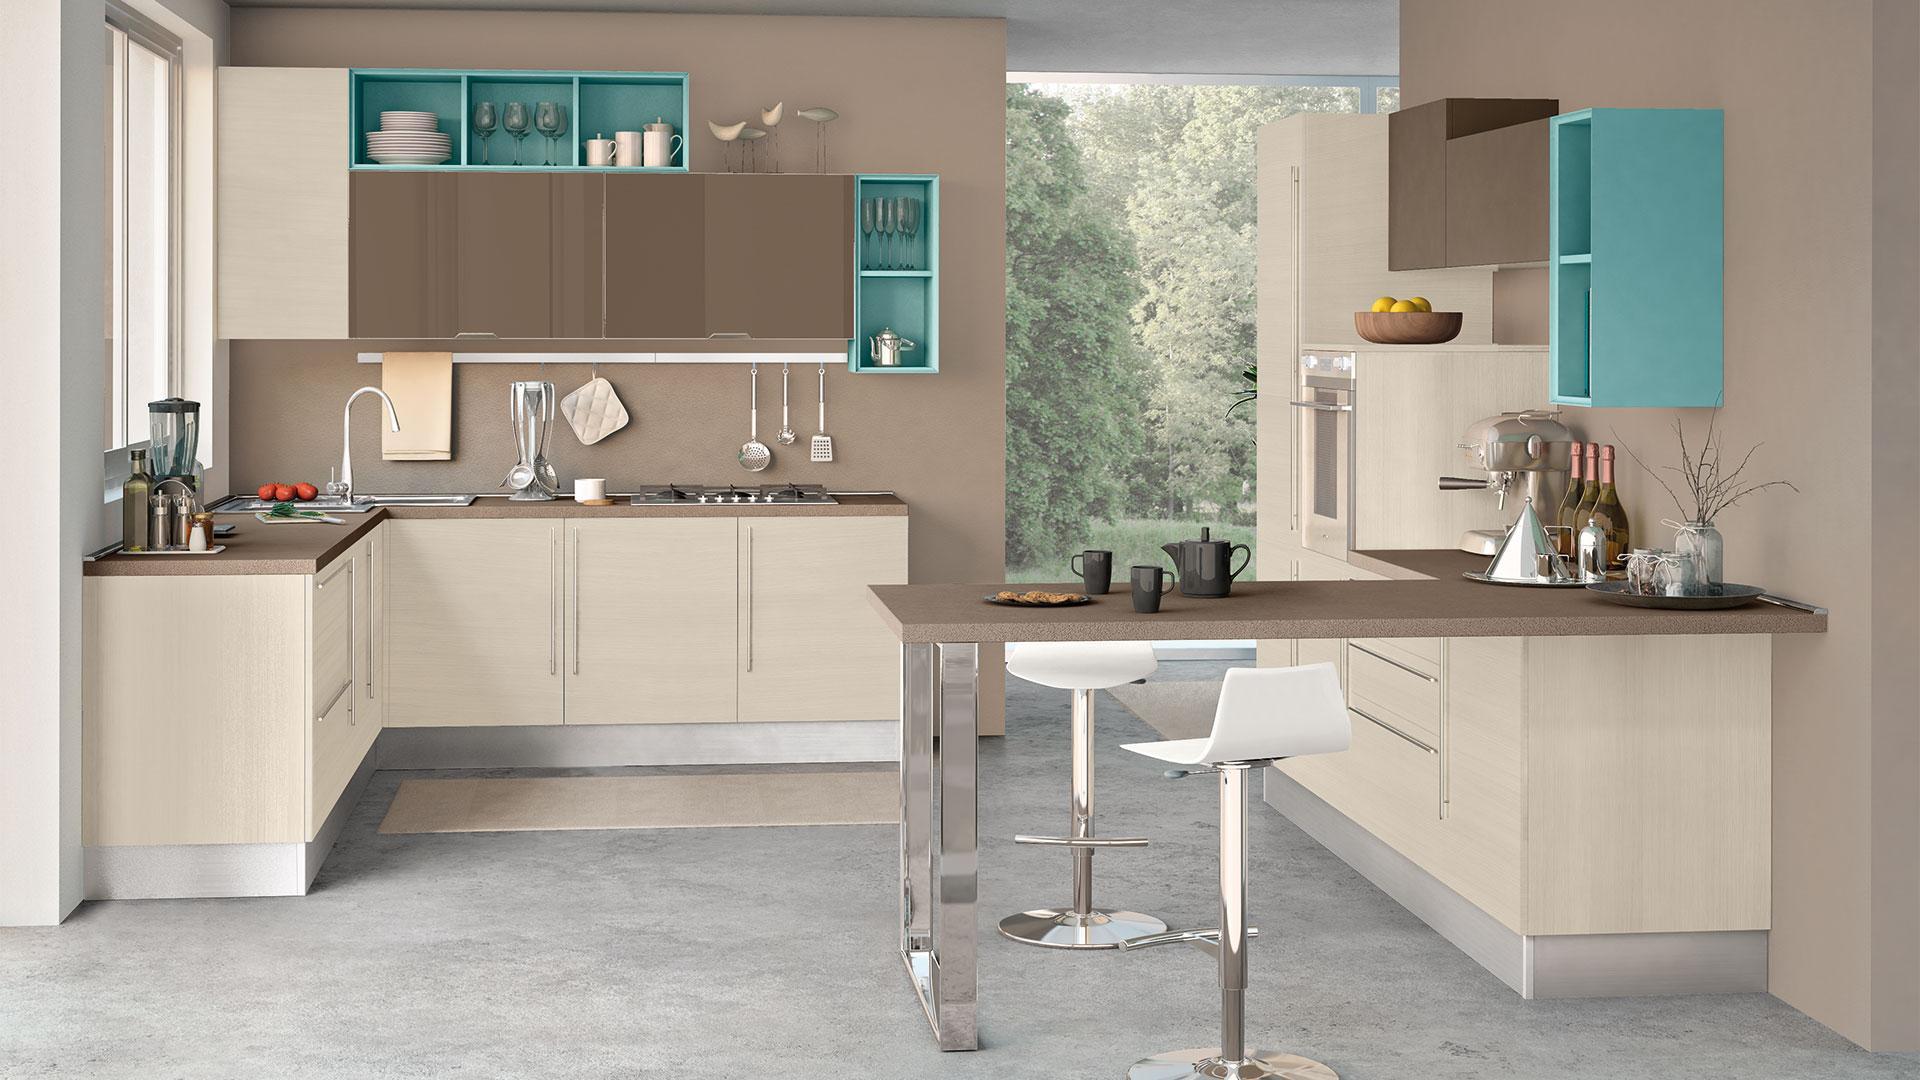 Come scegliere il colore delle pareti per la cucina: i consigli ...